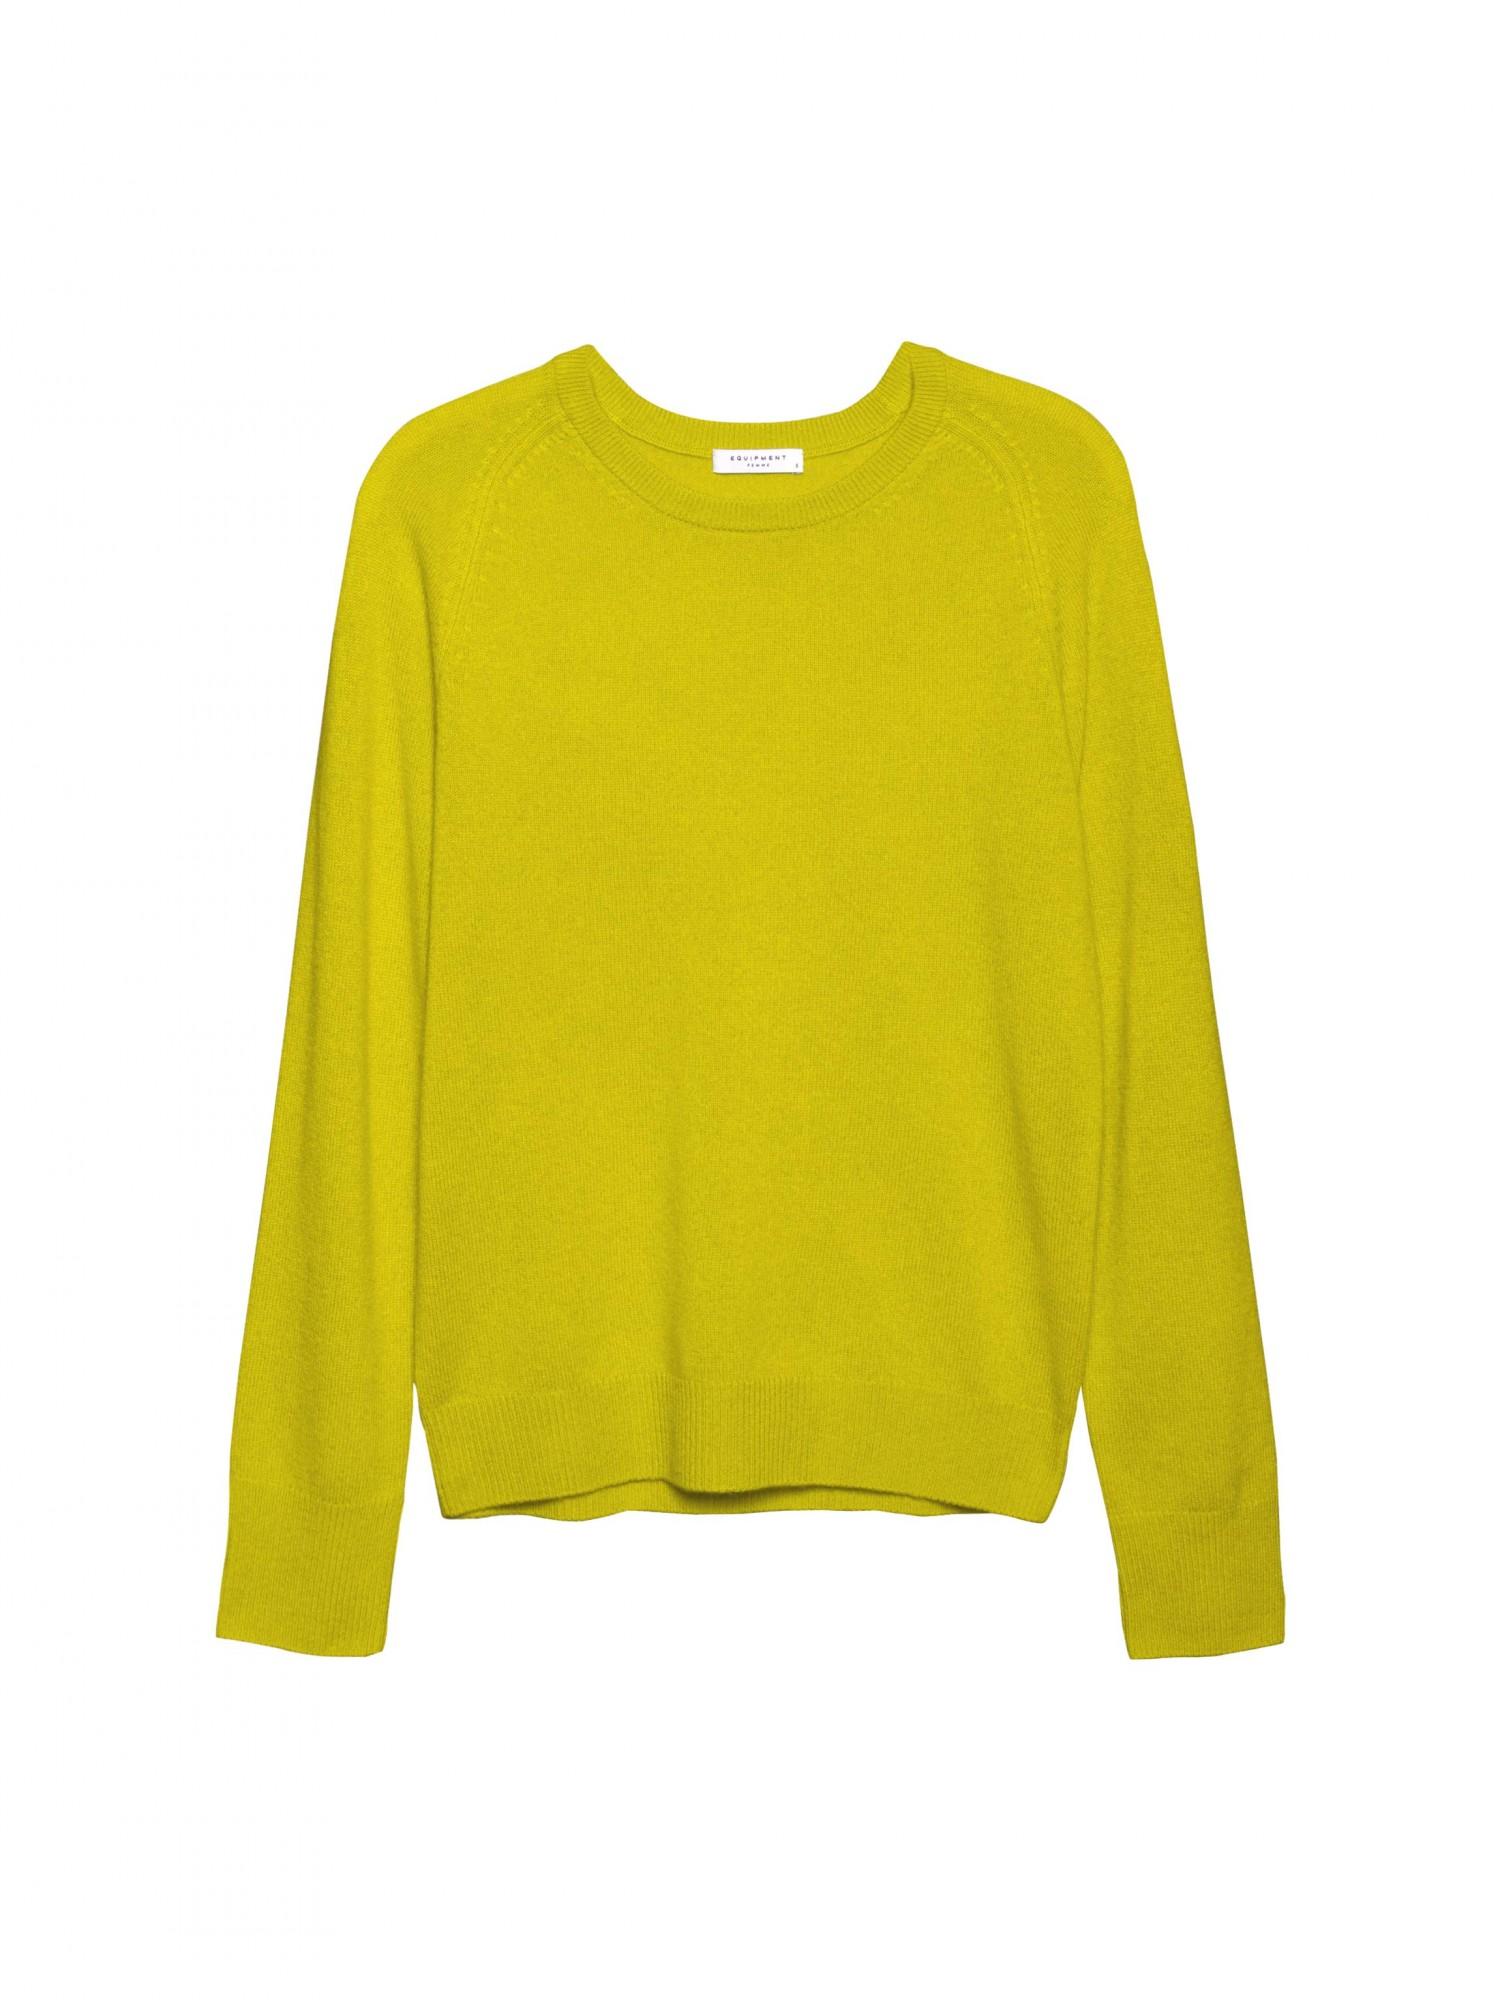 Sloane Crew Citronelle | Crew Neck Cashmere Sweater